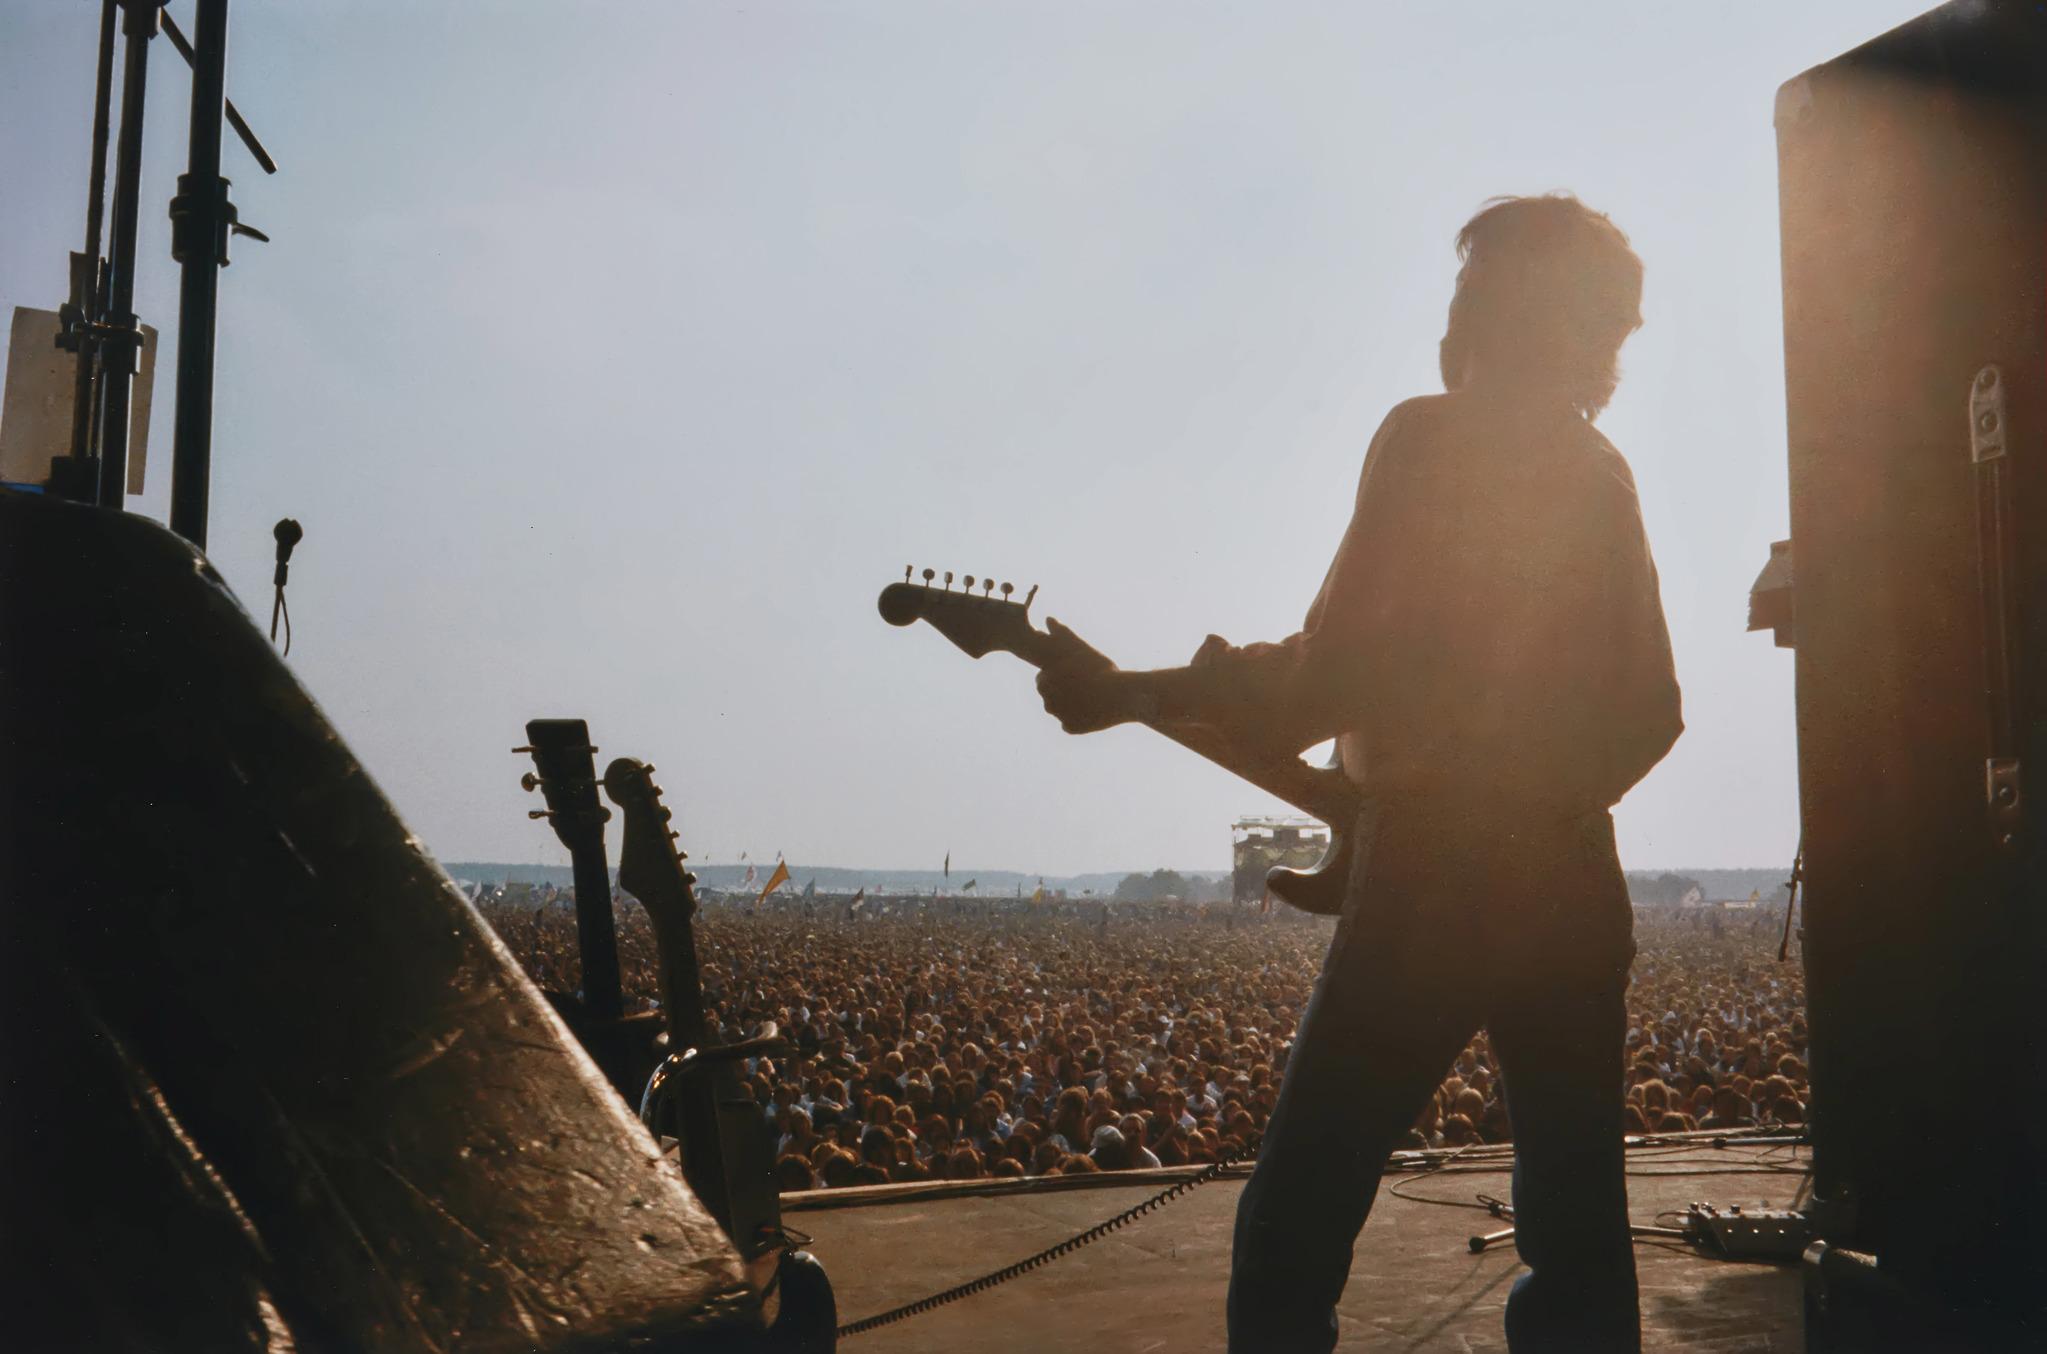 1974년 영국의 소도시 캠벌리에서 열린 락 페스티벌 '블랙부쉬(Blackbushe)' 페스티벌. 밥 딜런, 에어로스미스, 에릭 클랩튼 등 락스타들이 헤드라이너로 참여하기도 했다. 에릭 클랩튼은 이 페스티벌에 참여해 훌륭한 라이브 공연을 선보였다. [사진 패티보이드]